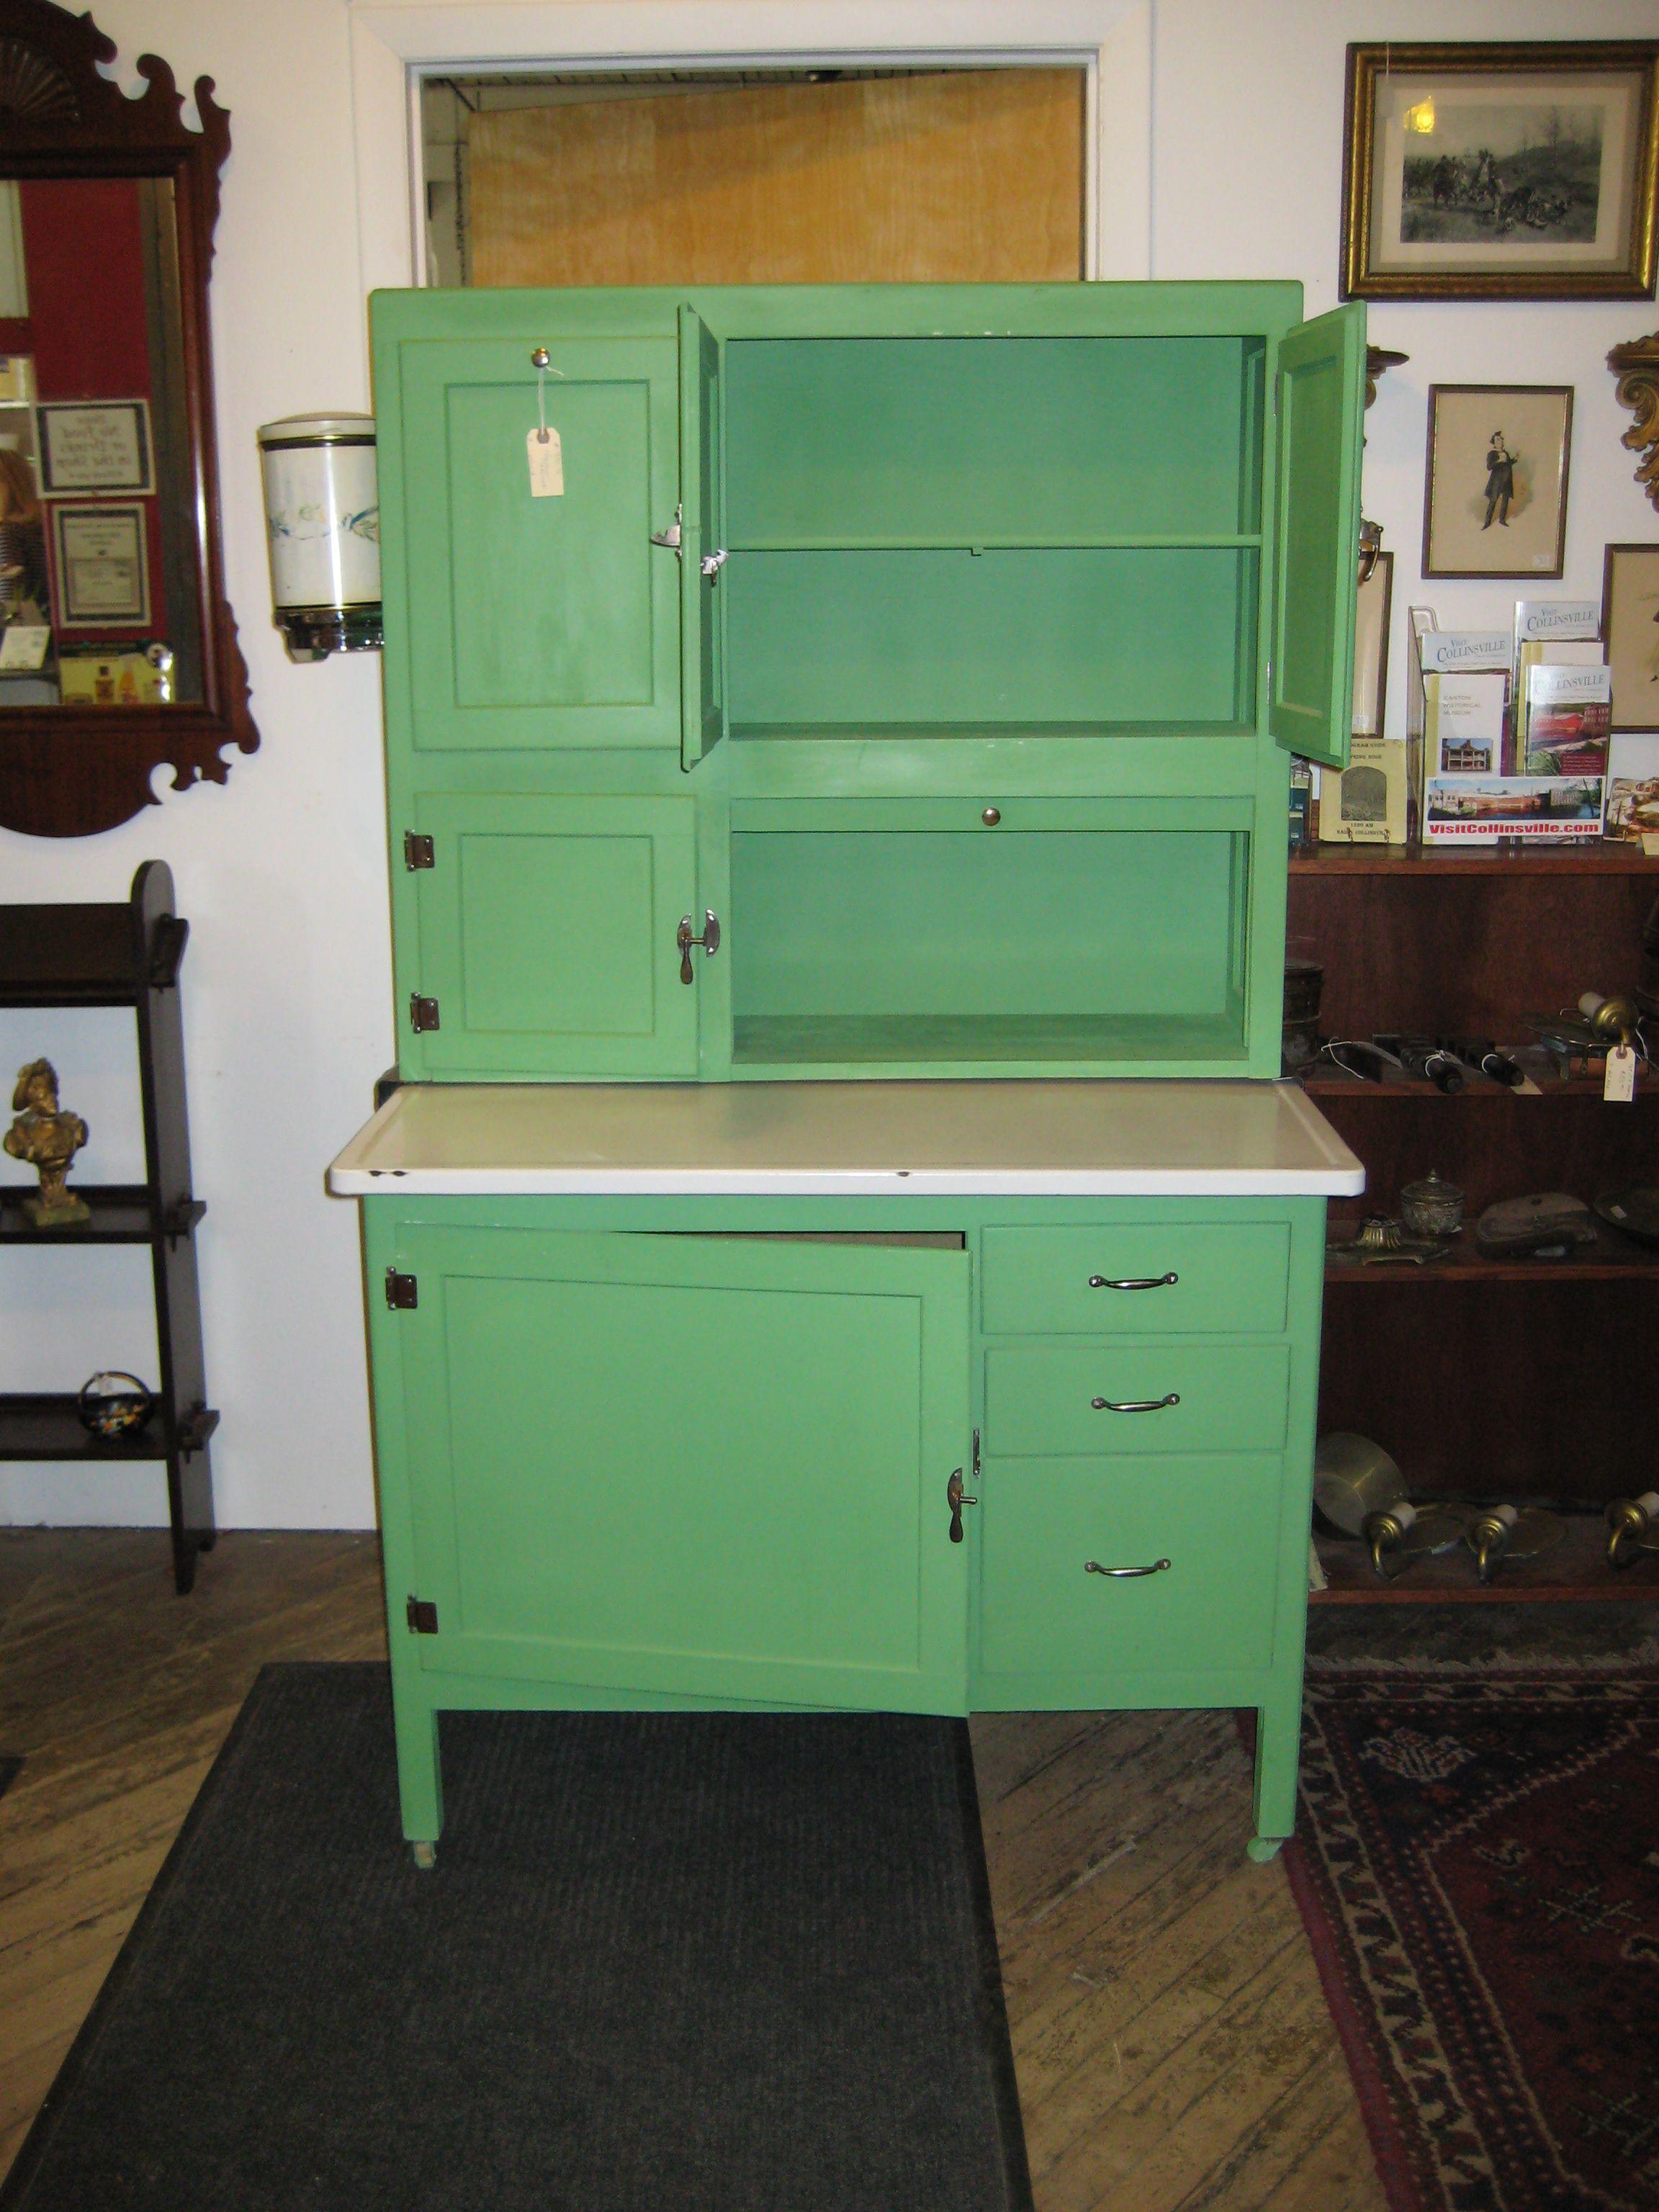 Hoosier Style Vintage Kitchen Cabinets Vintage Kitchen Cabinets Hoosier Cabinets Kitchen Cabinets For Sale